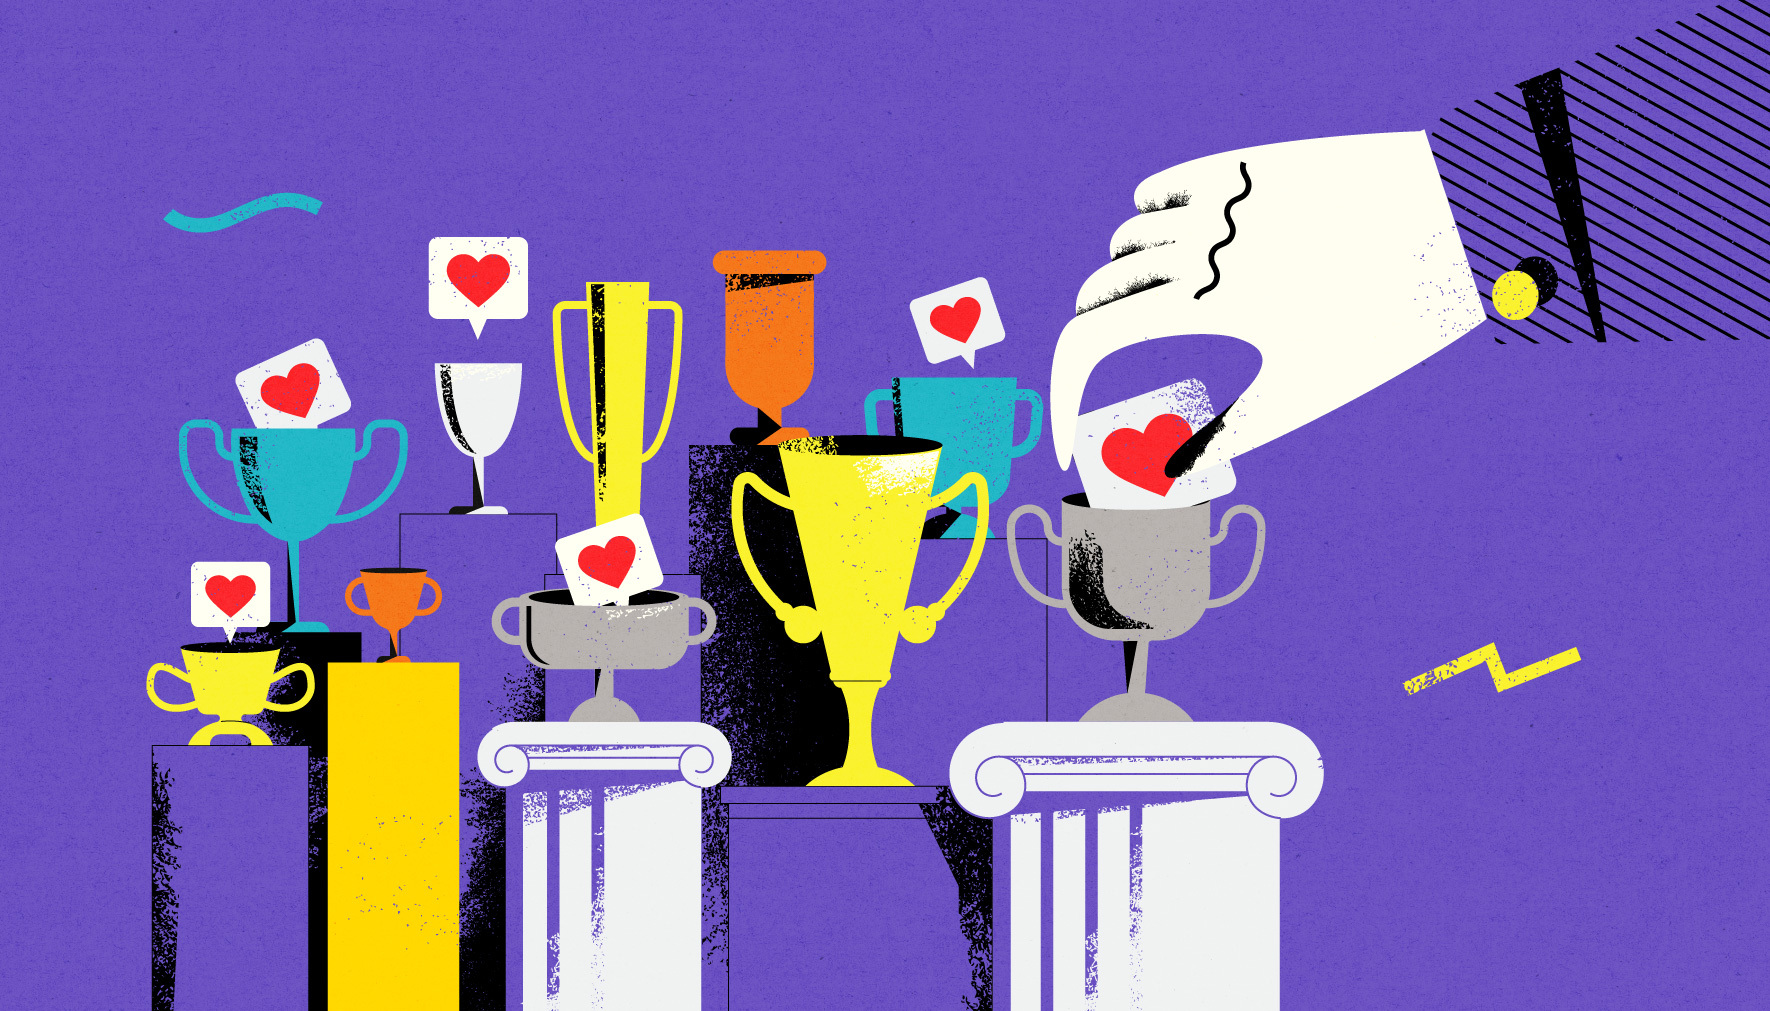 Le top 10 des politiciens populaires sur les réseaux sociaux: une étude